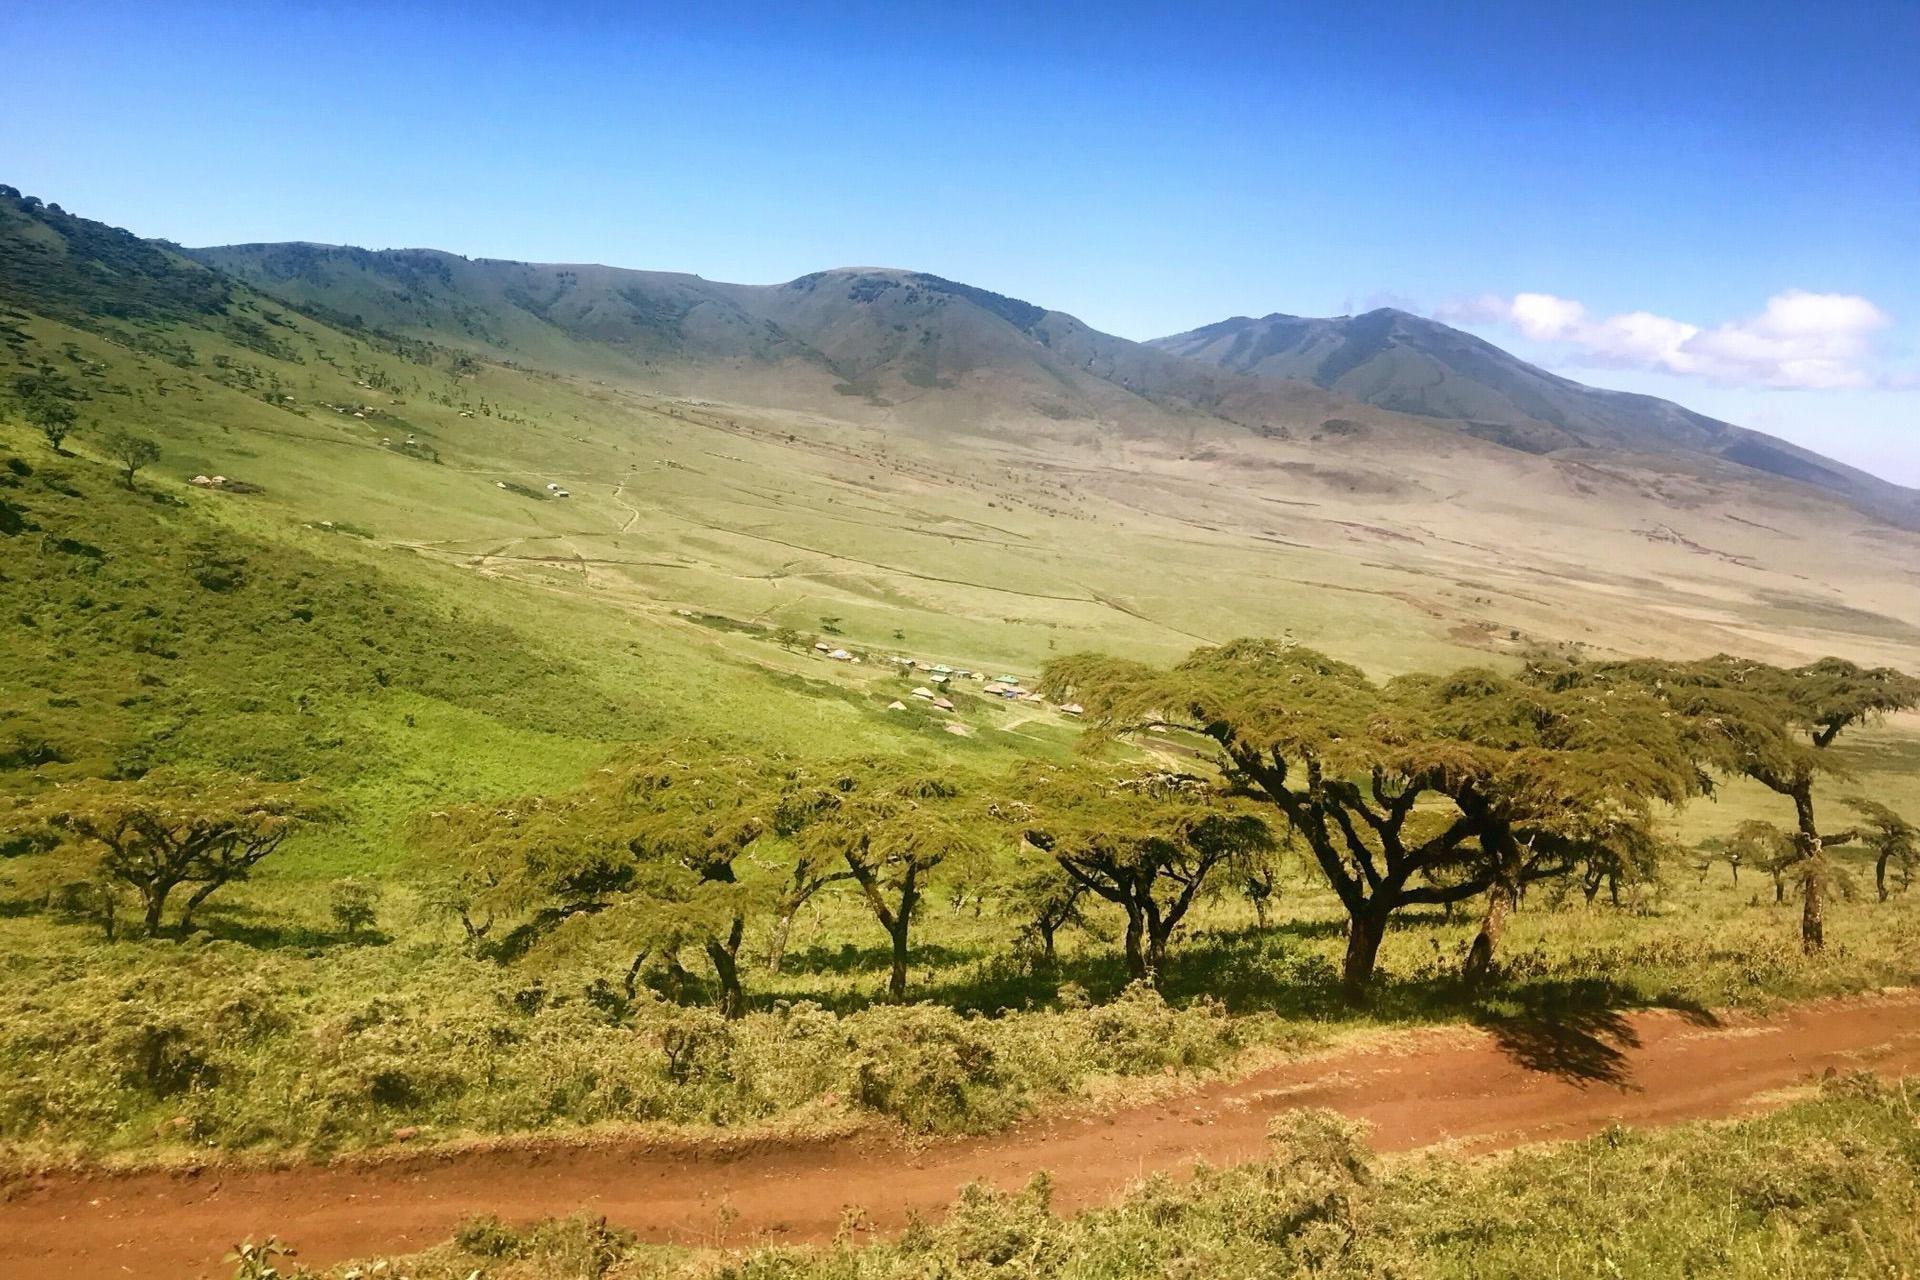 游览 肯尼亚 内罗毕 内罗毕国家公园